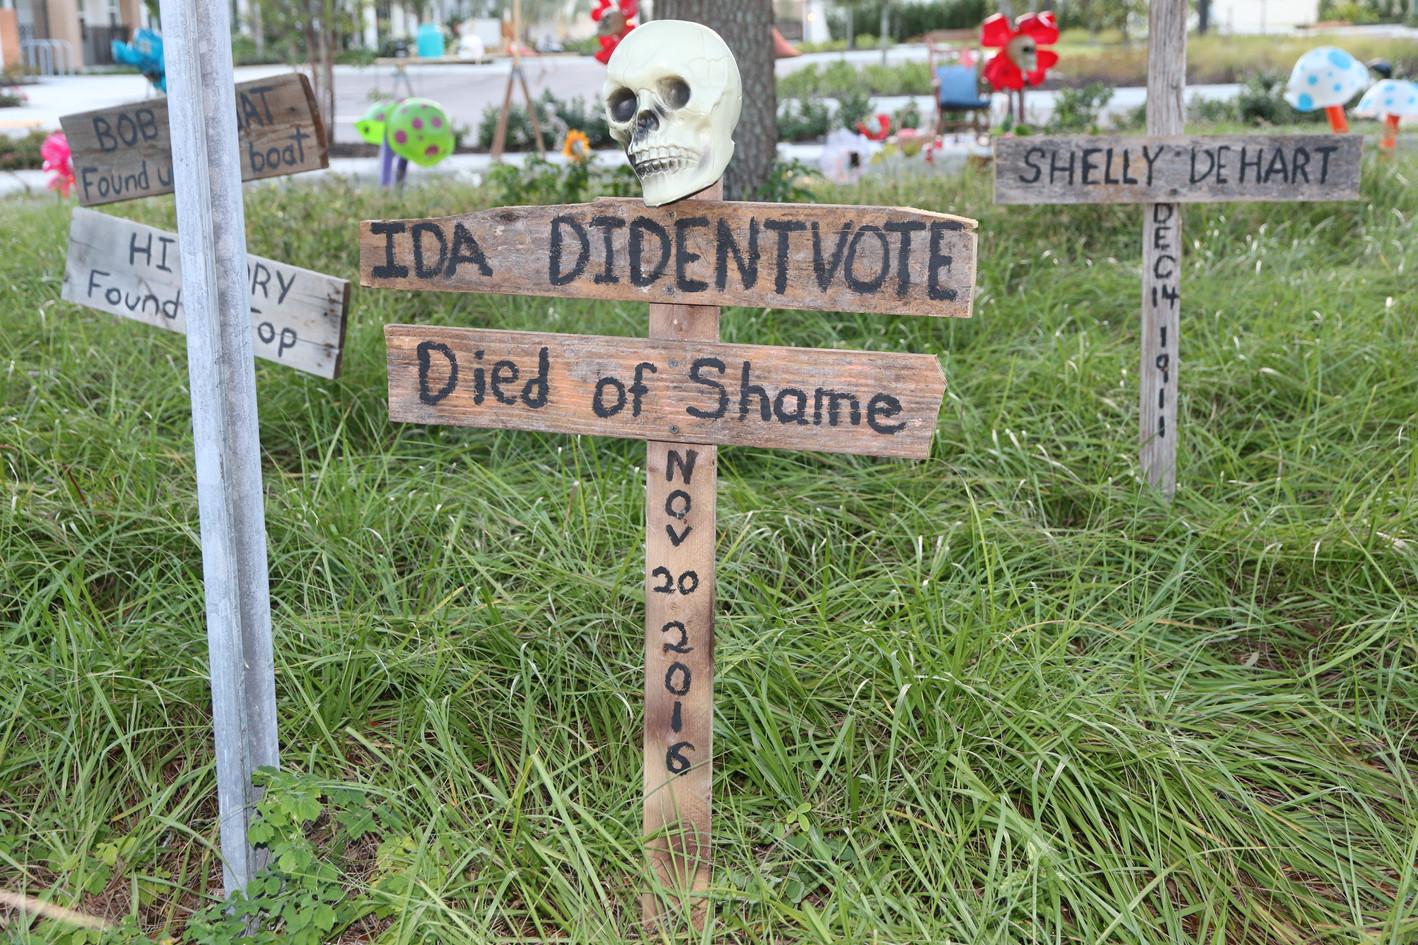 Ida Didntvote